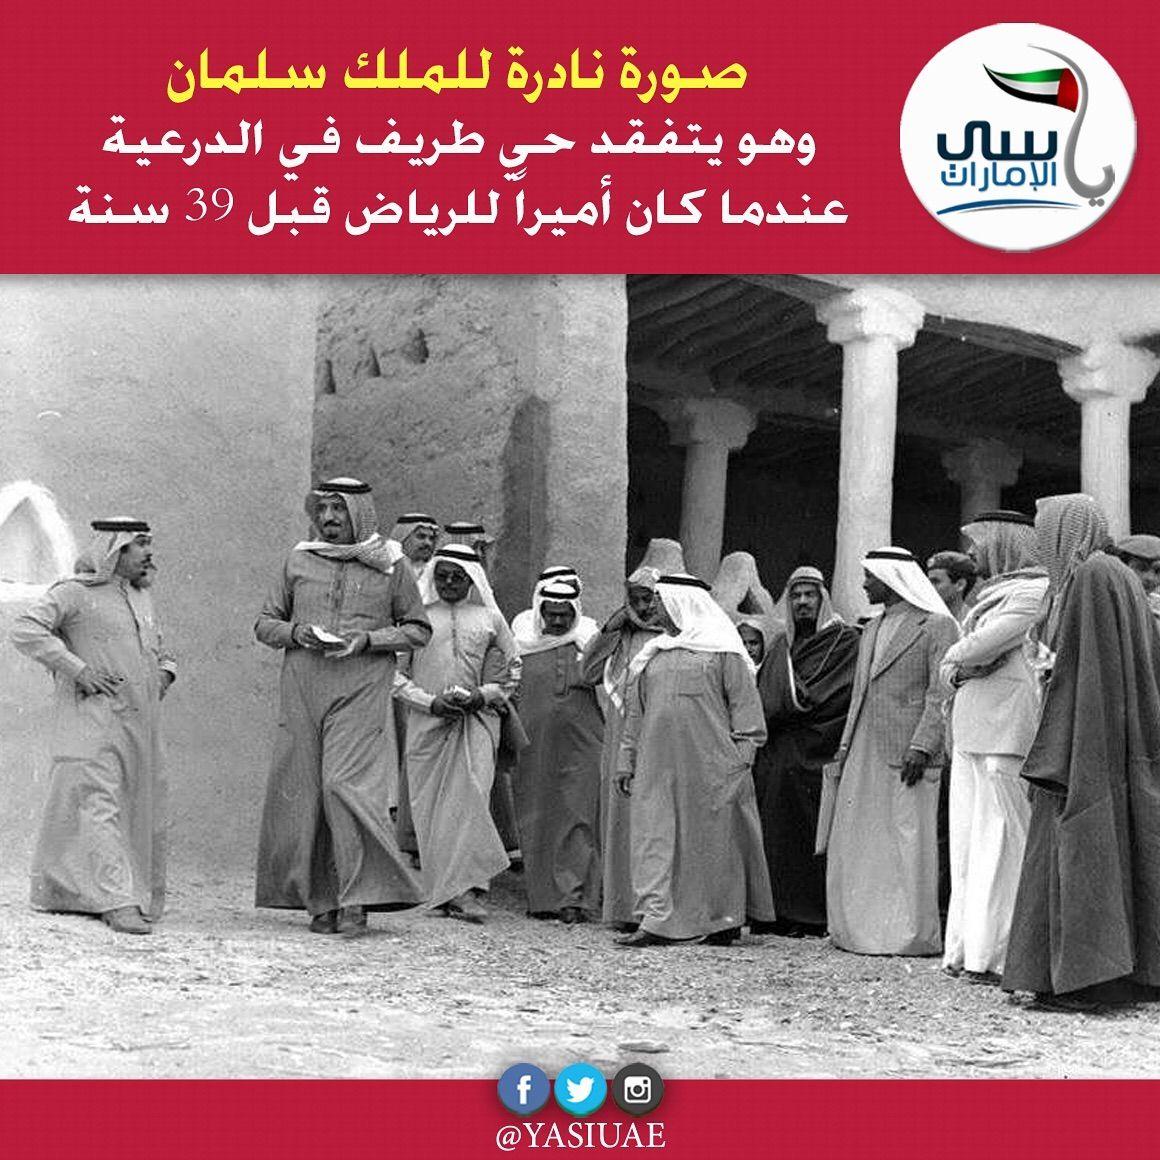 السعودية شاهد صورة نادرة للملك سلمان حفظه الله وهو يتفقد حي طريف في الدرعية عندما كان أميرا للرياض قبل 39 سنة Baseball Cards Baseball Cards